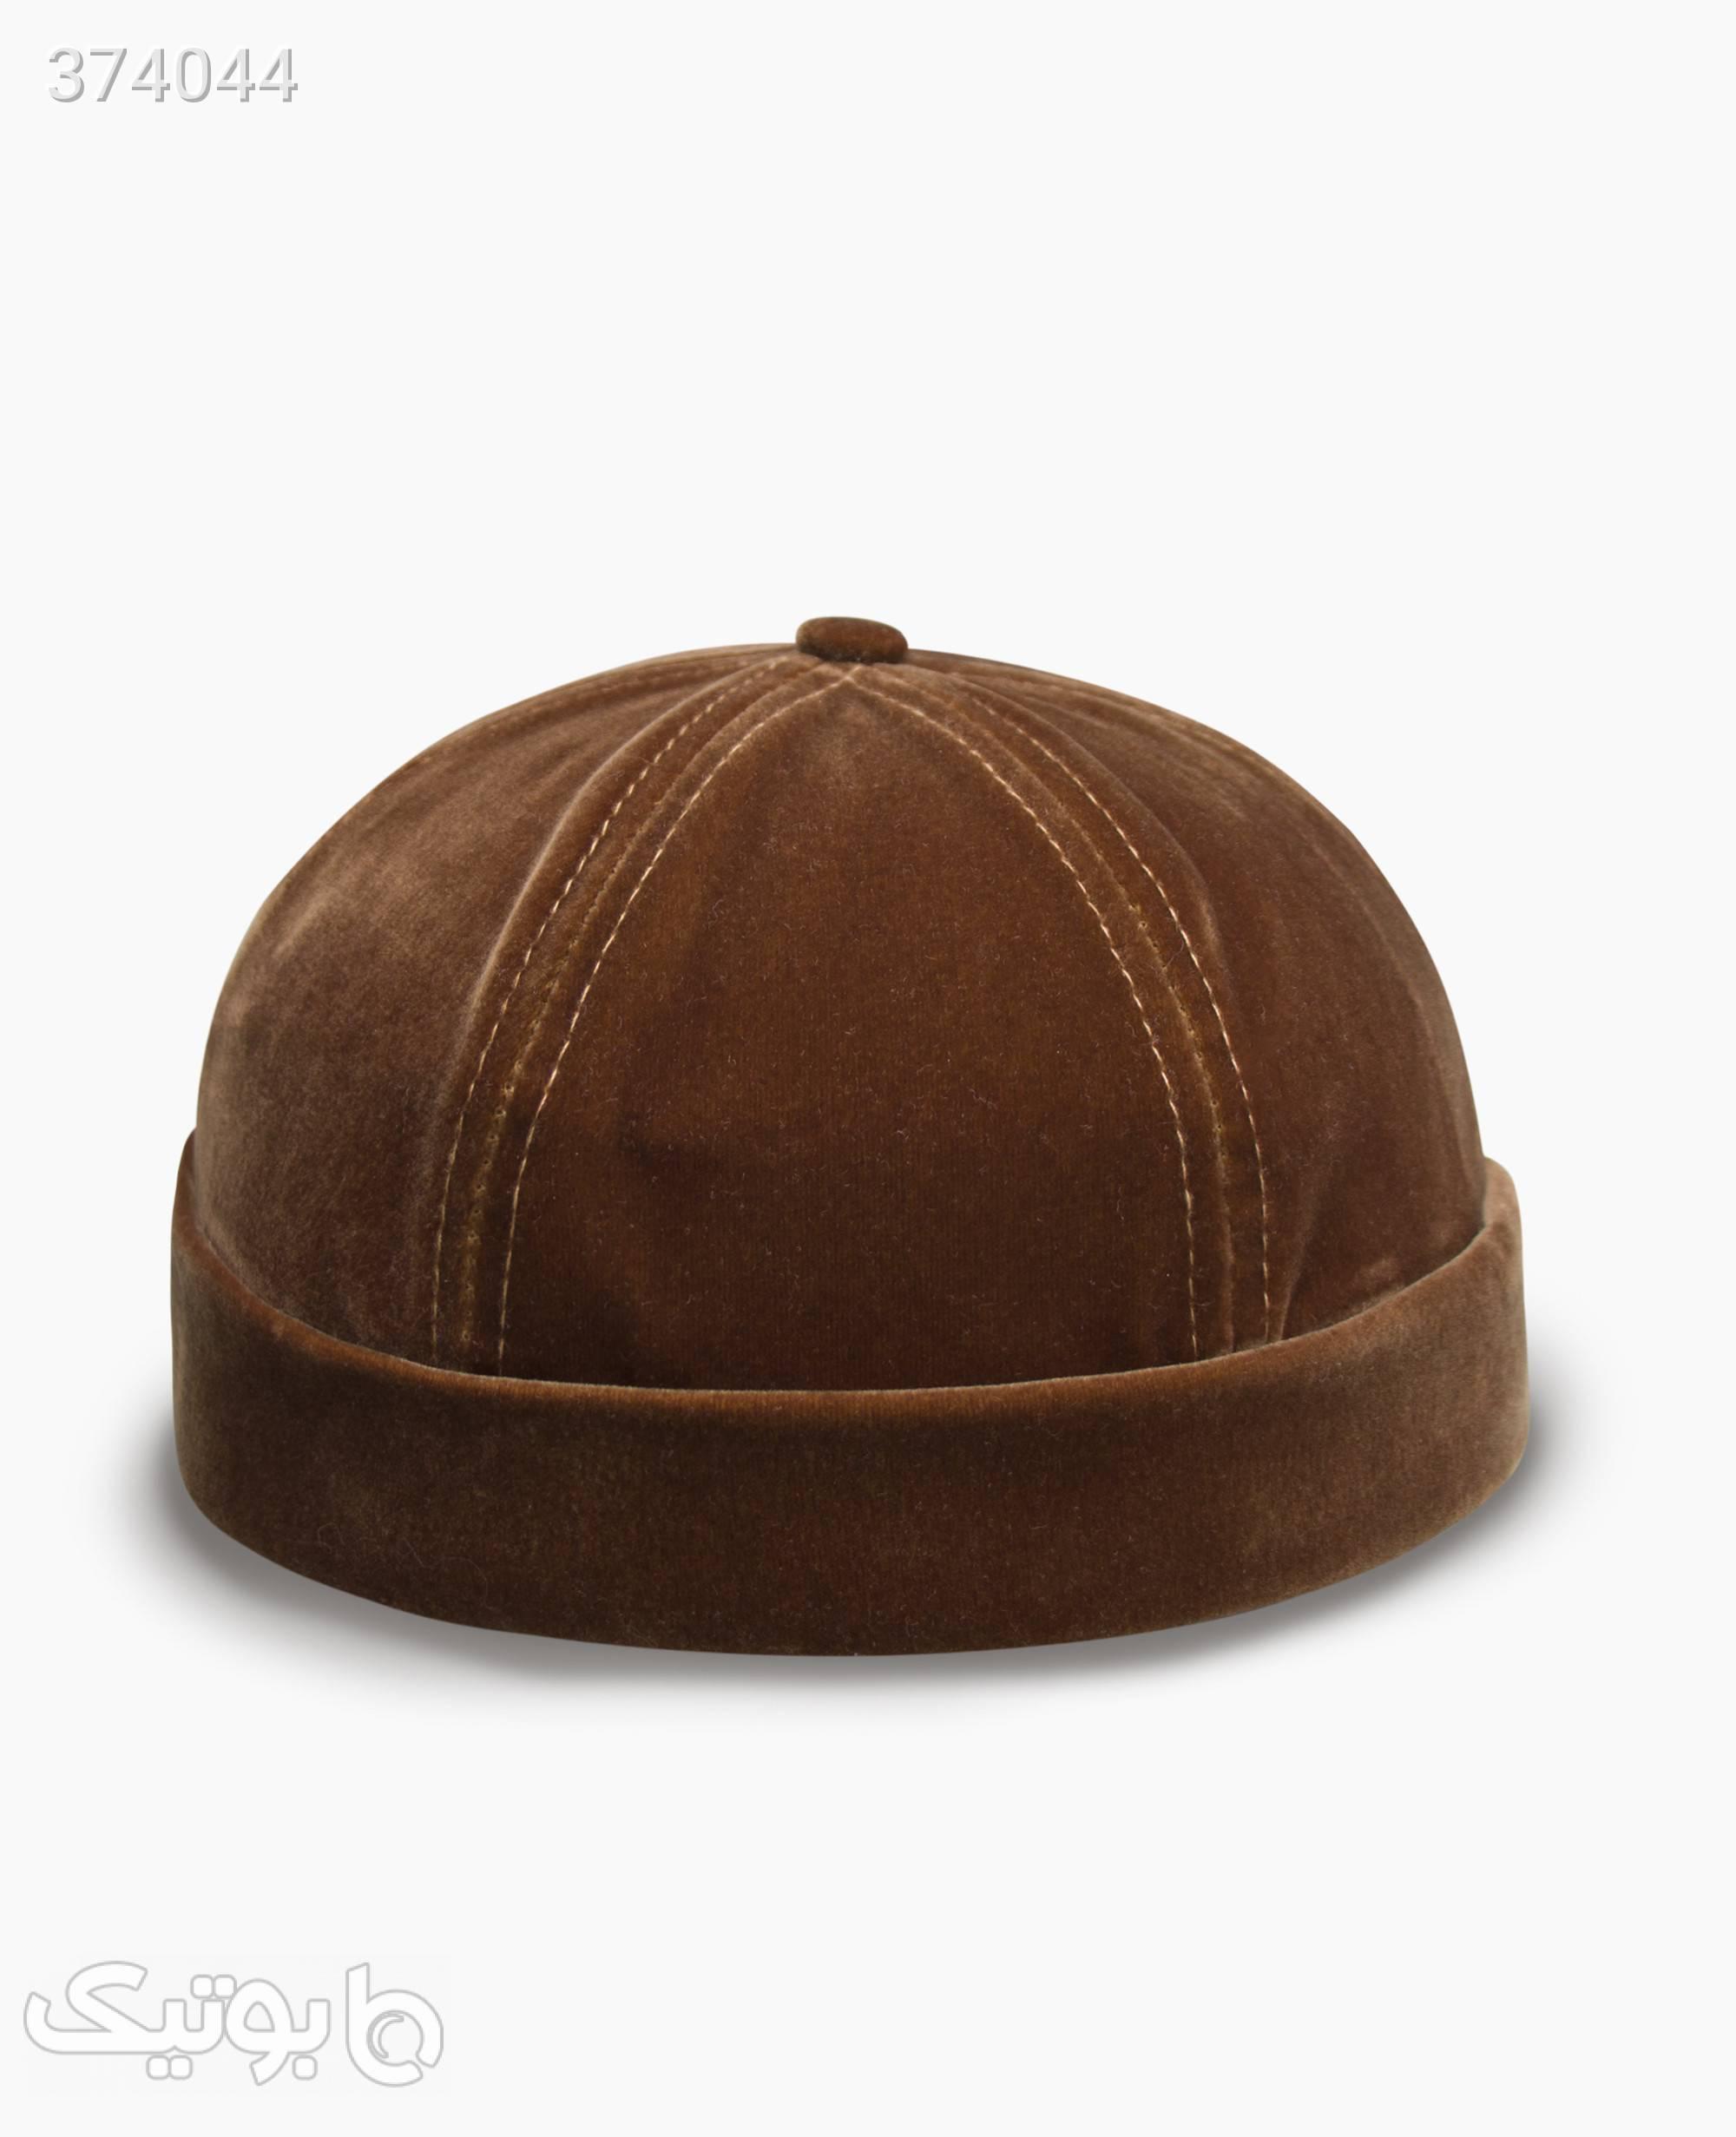 کلاه بدون نقاب مخمل کد 9854 قهوه ای کلاه و اسکارف